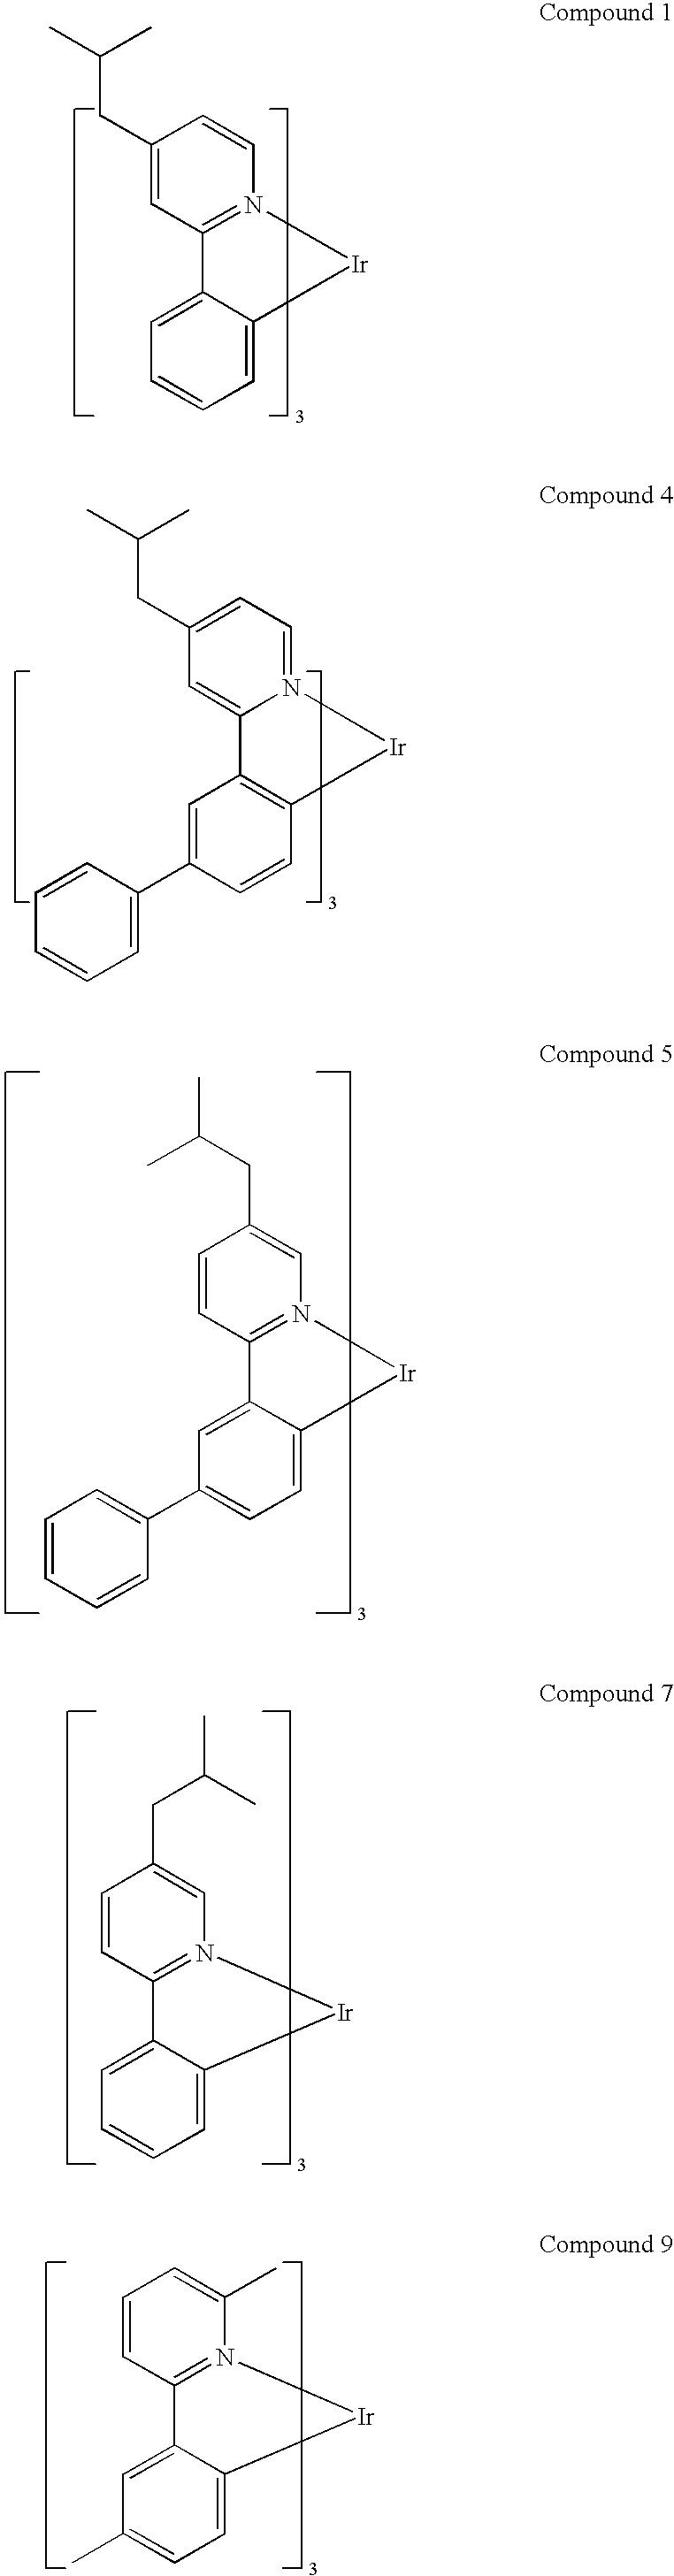 Figure US20090108737A1-20090430-C00221